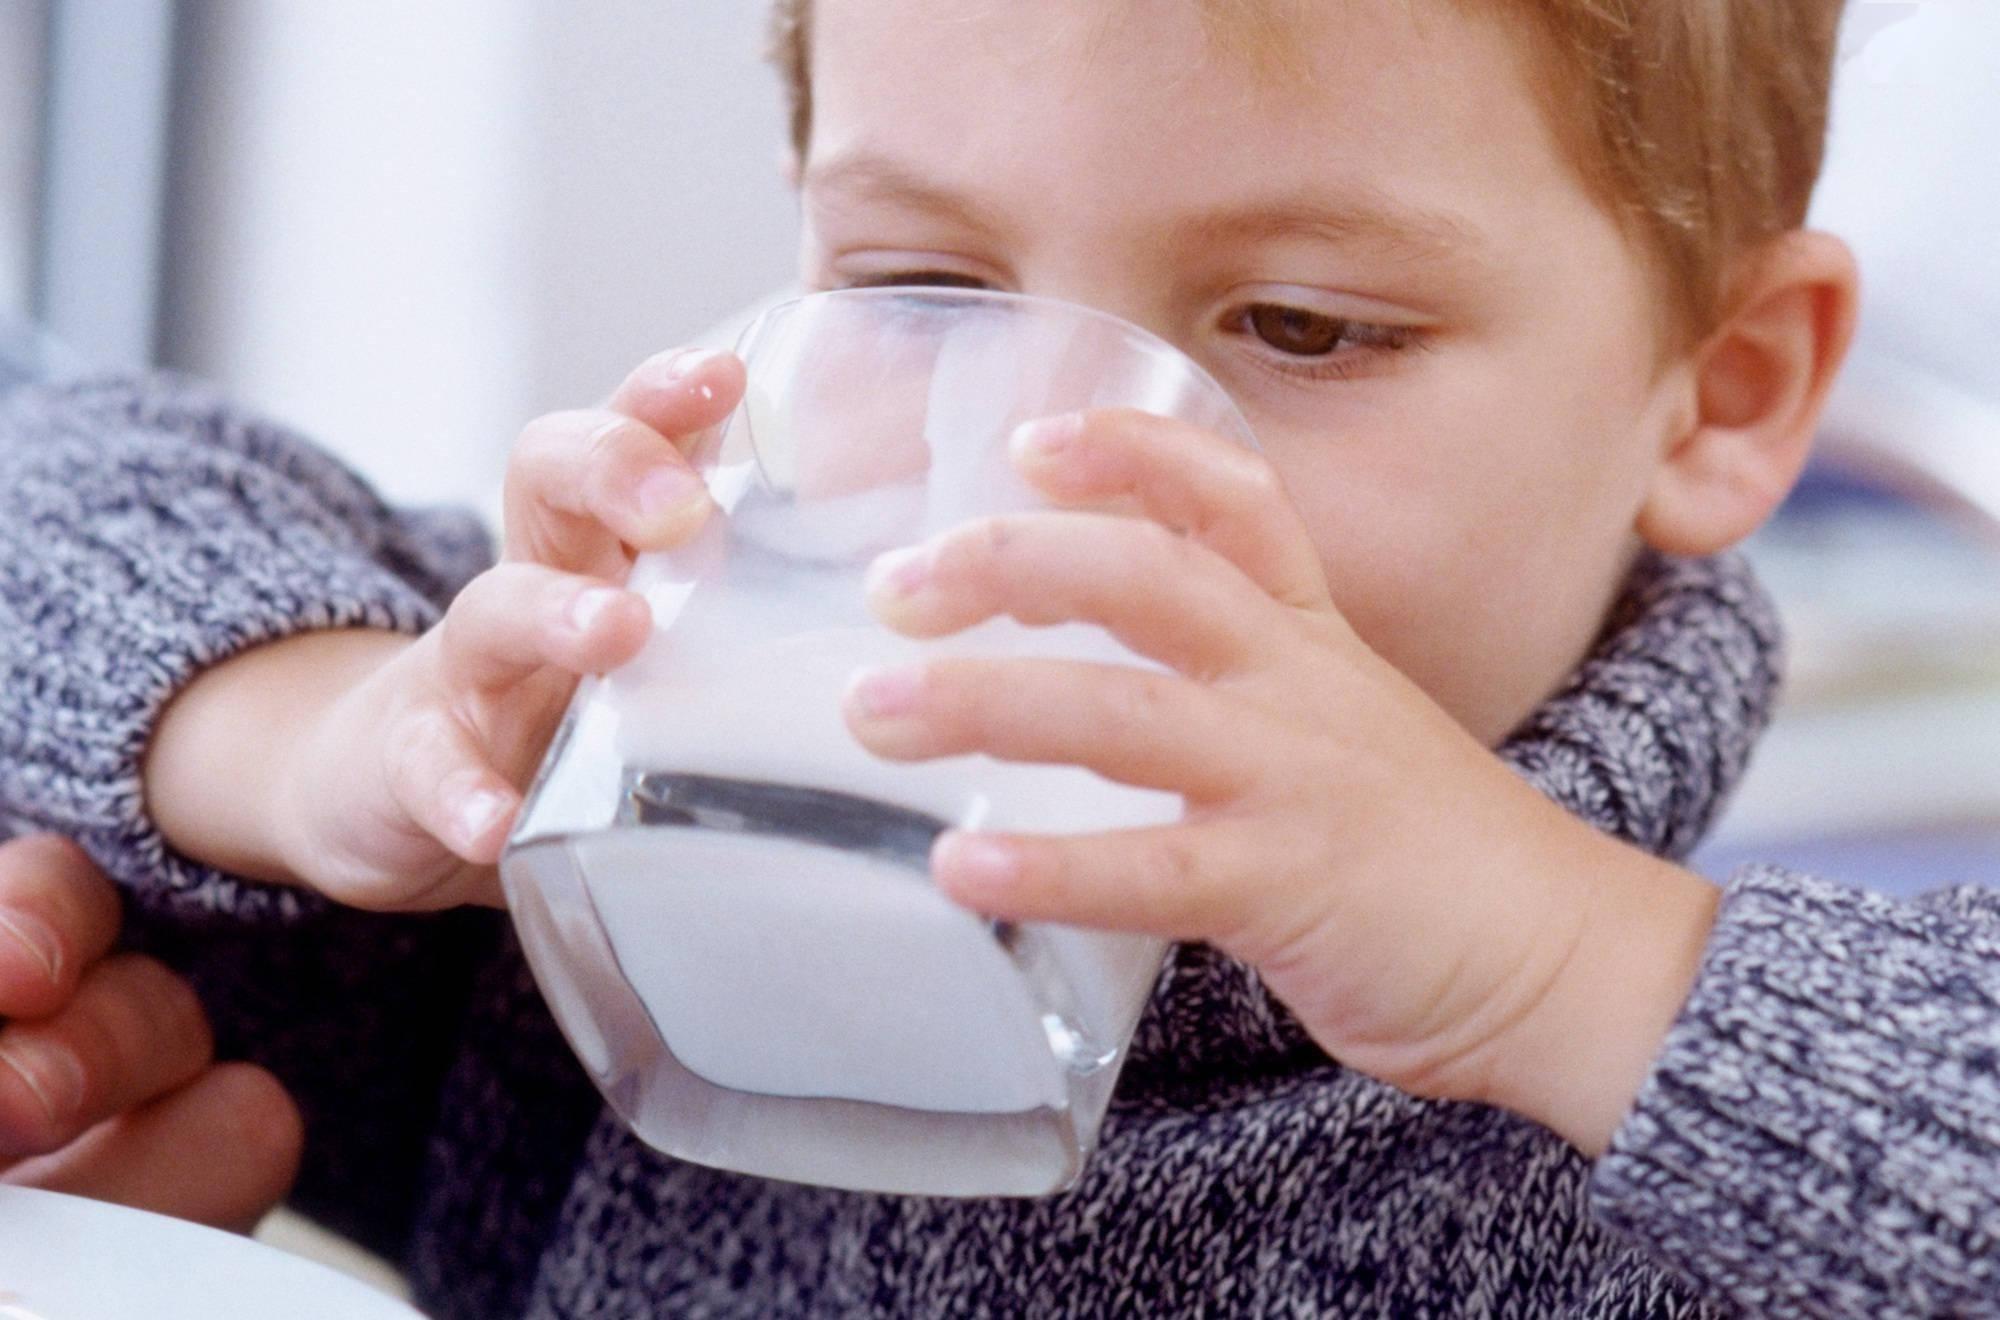 孩子睡前可以常吃这些食物,不仅睡得安稳,还利于身高、大脑发育  第3张